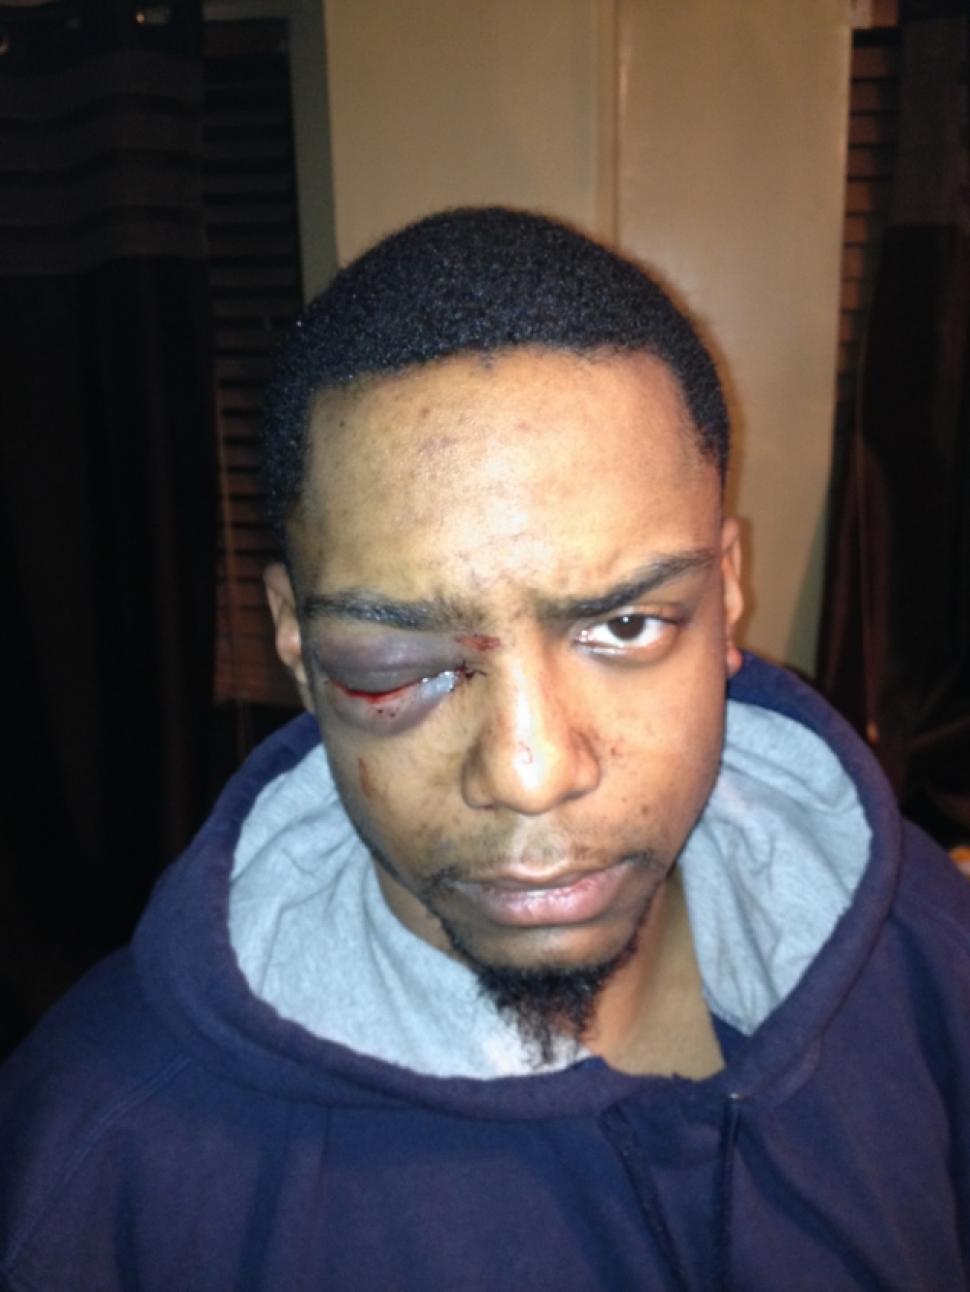 Beaten up sum gay watch